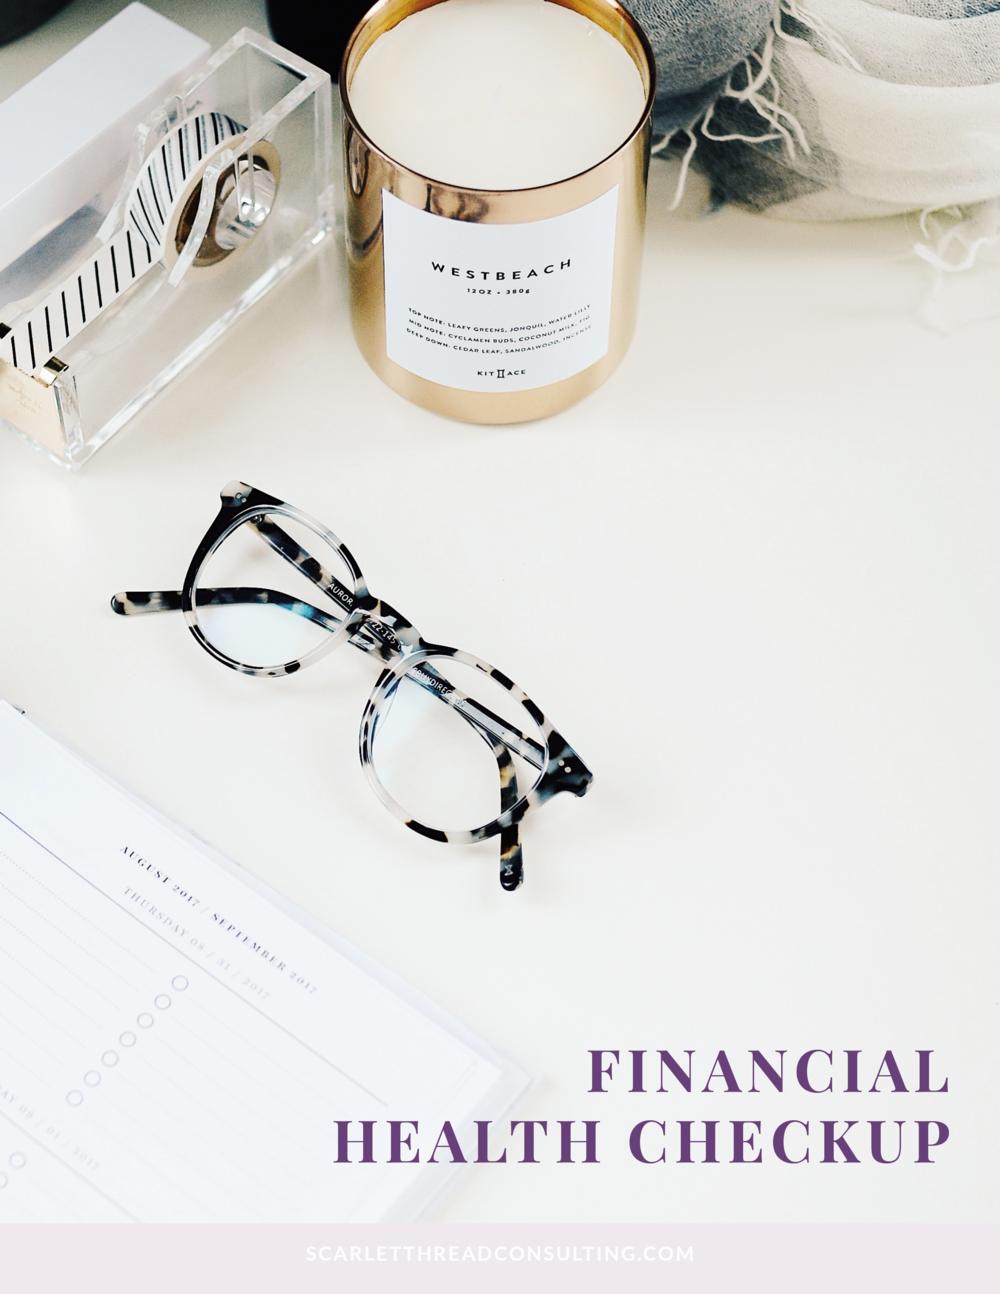 financialhealthcheckup-1.png